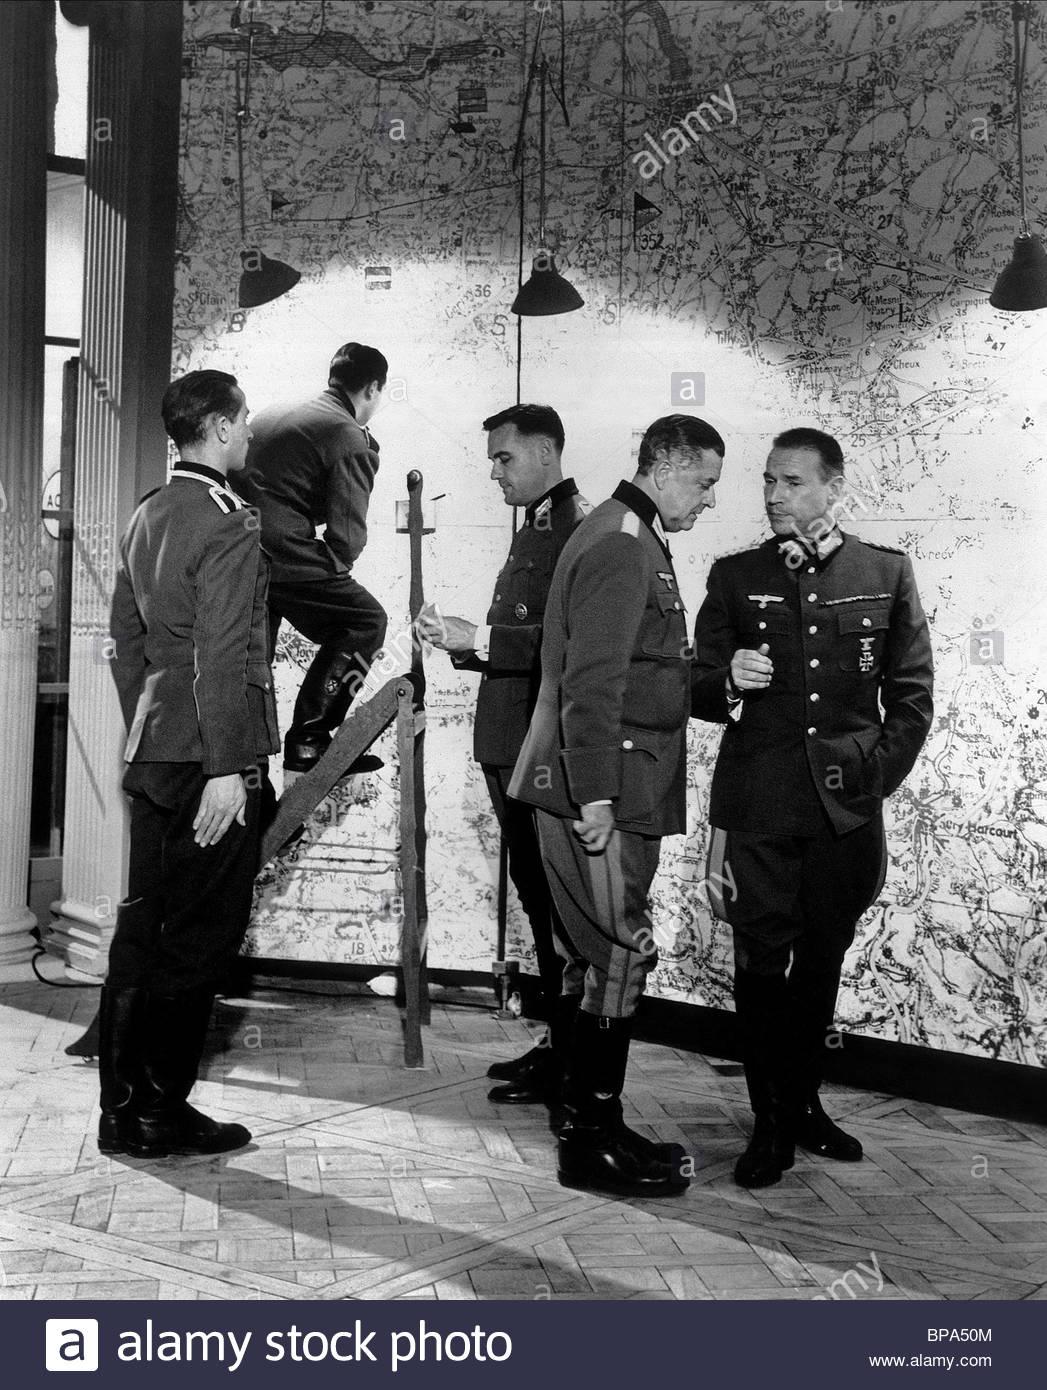 HANS SOHNKER & WOLFGANG PREISS THE LONGEST DAY (1962)